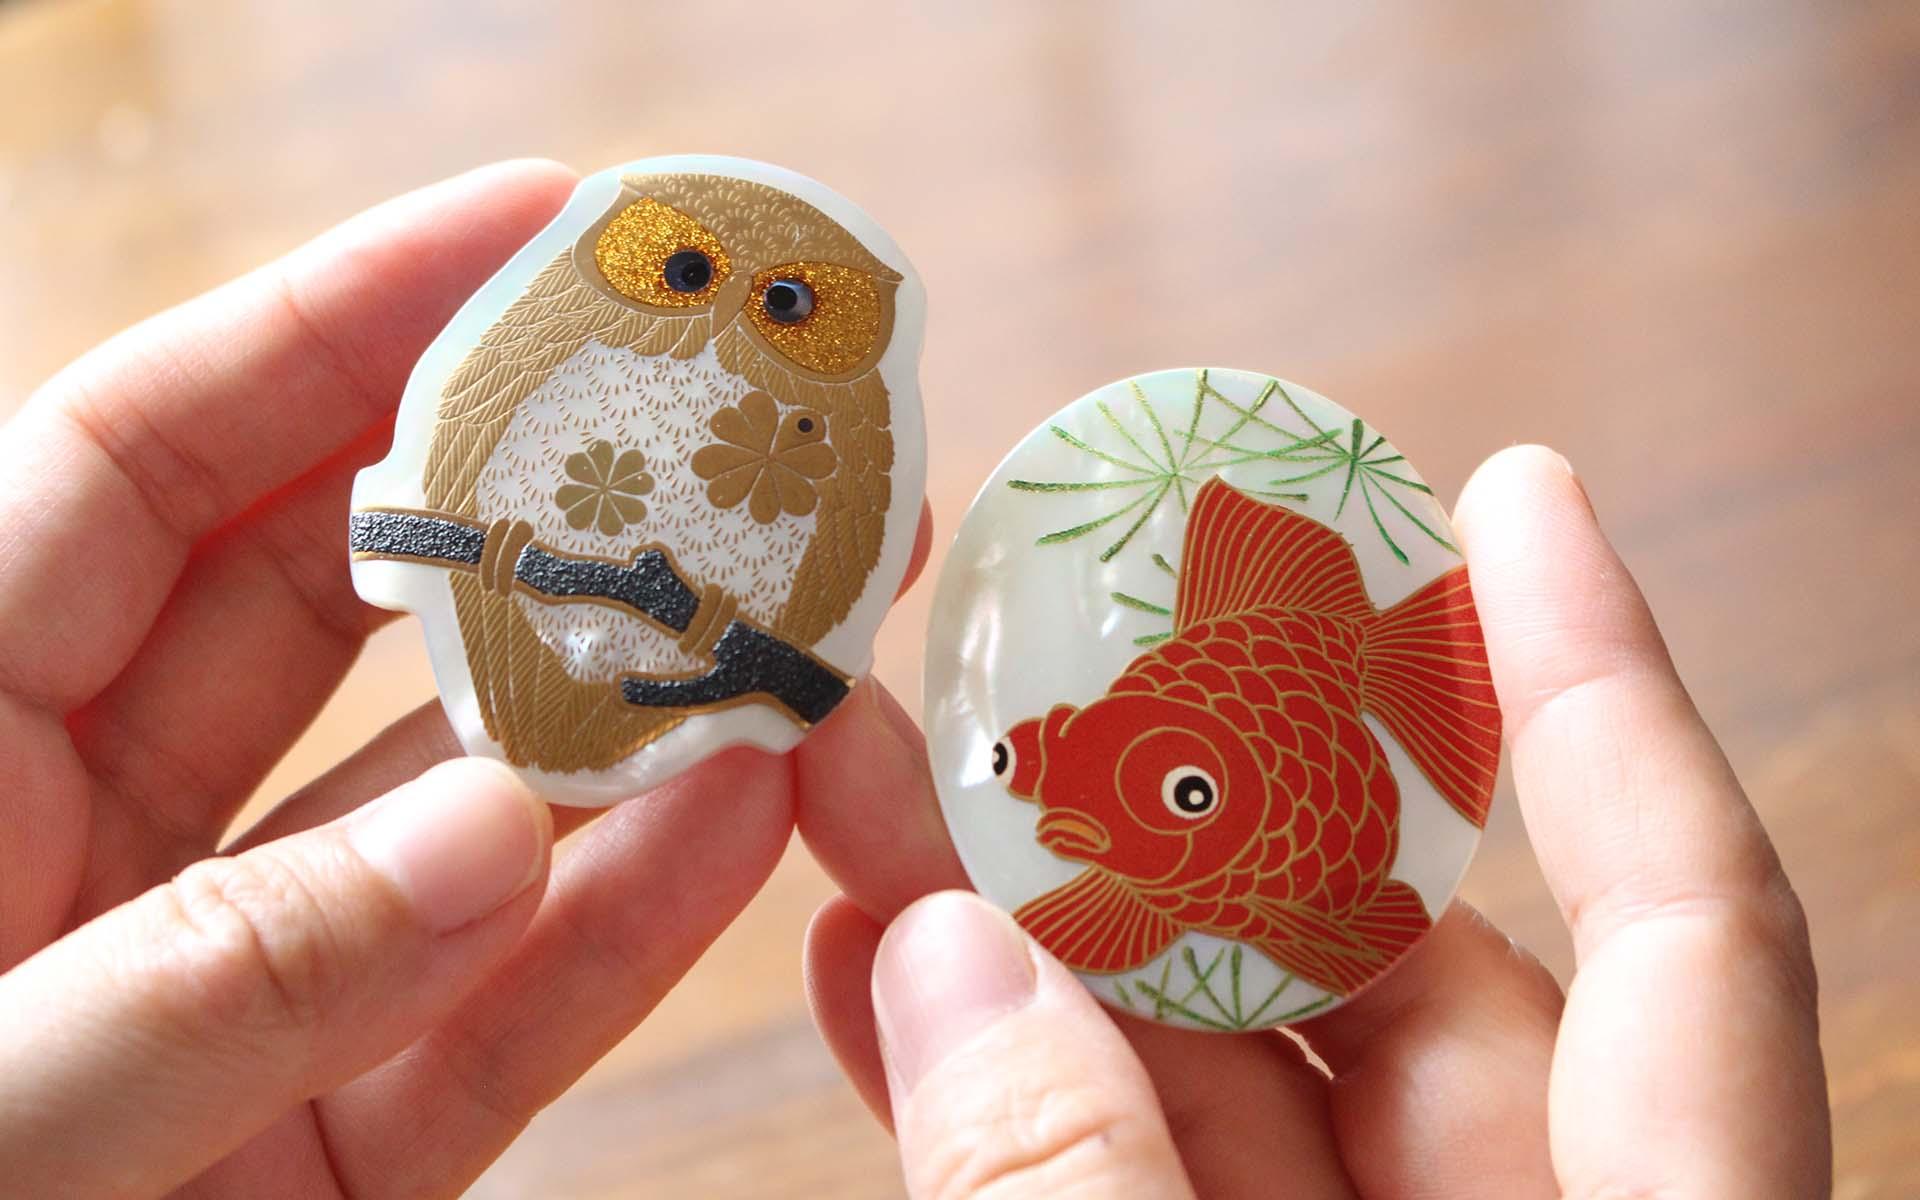 うるしアートはりや・針谷絹代作:ふくろう蒔絵白蝶貝ブローチ、金魚蒔絵白蝶貝ブローチ